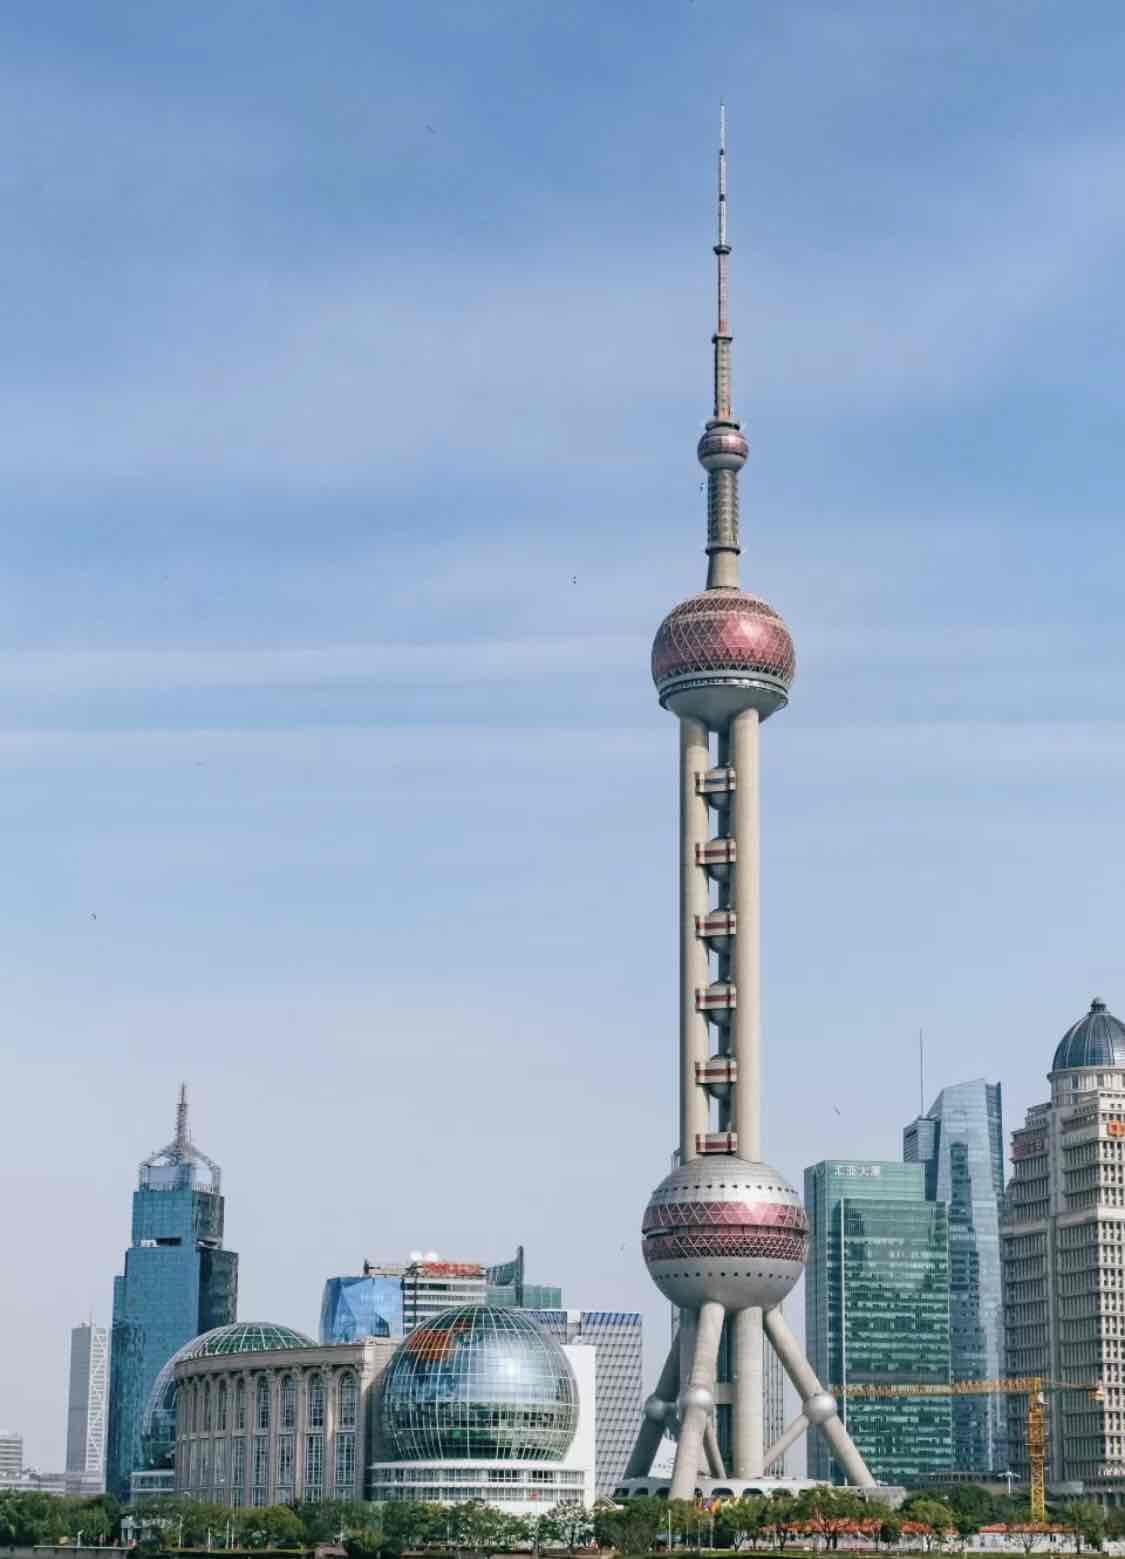 东方明珠电视塔一般玩多久?白天还是晚上去合适? 上海旅游 旅游问答  第2张